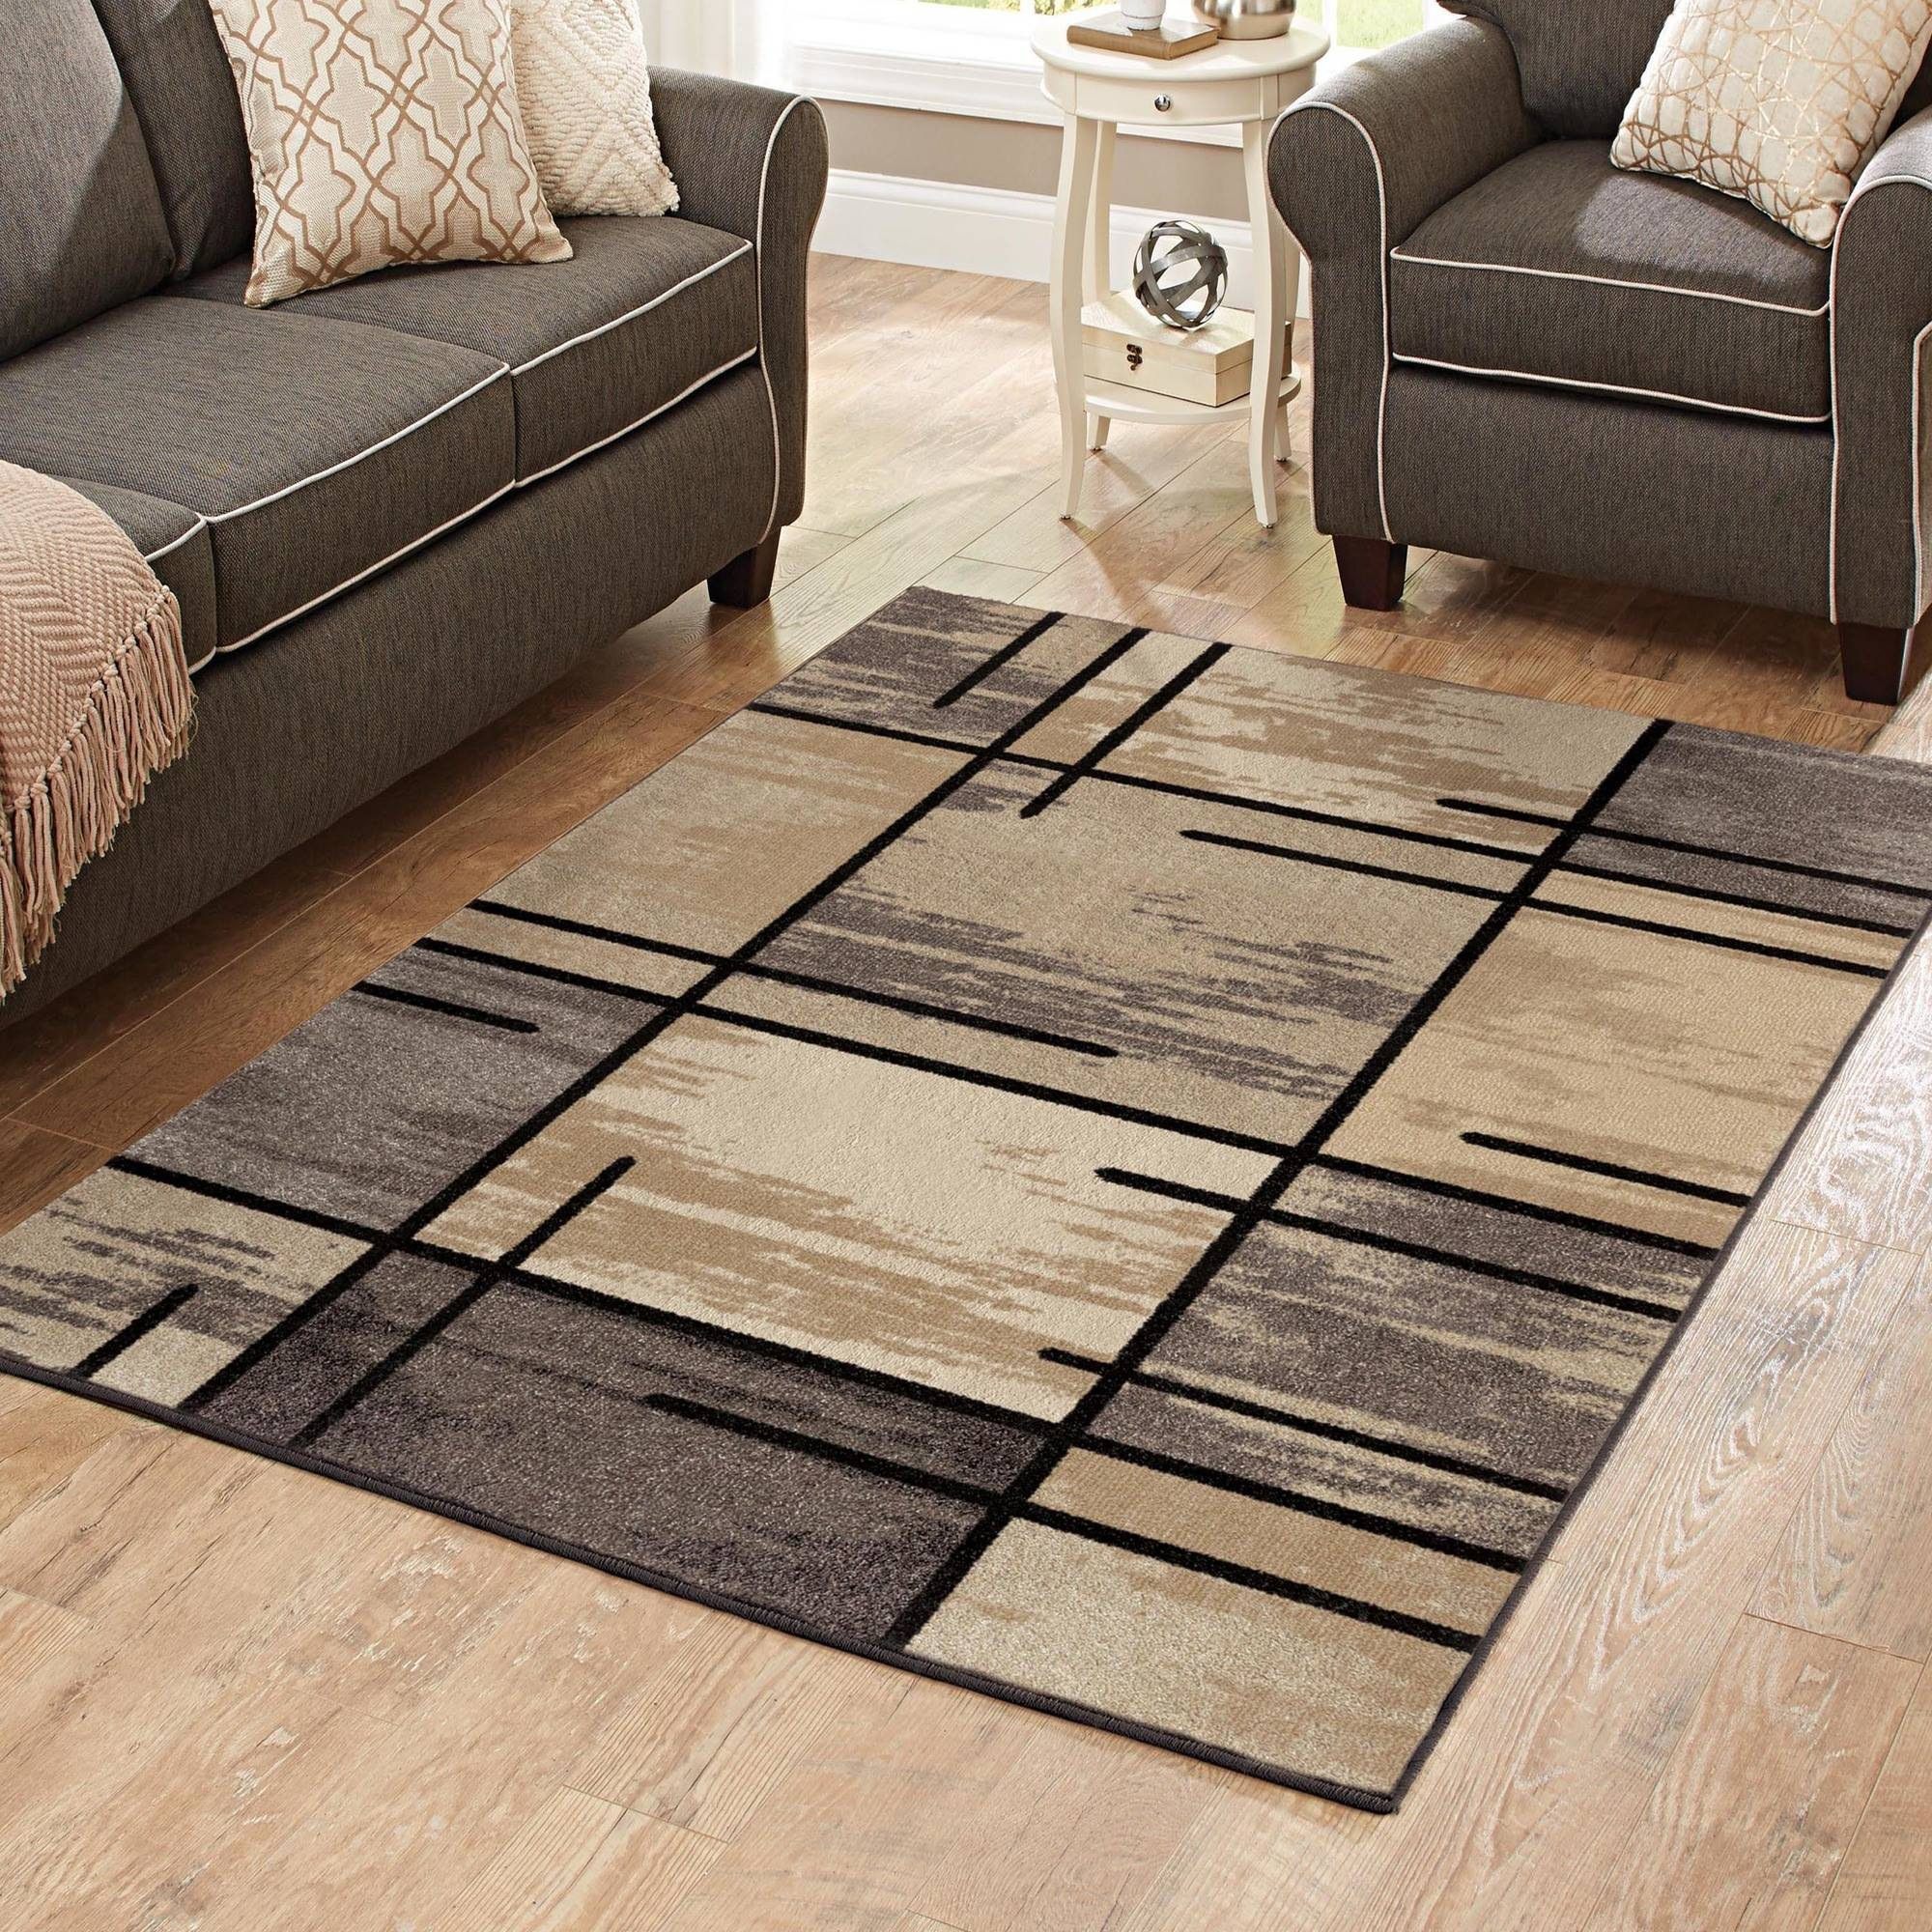 Better Homes And Gardens Spice Grid 3 Piece Area Rug Set Walmart Com